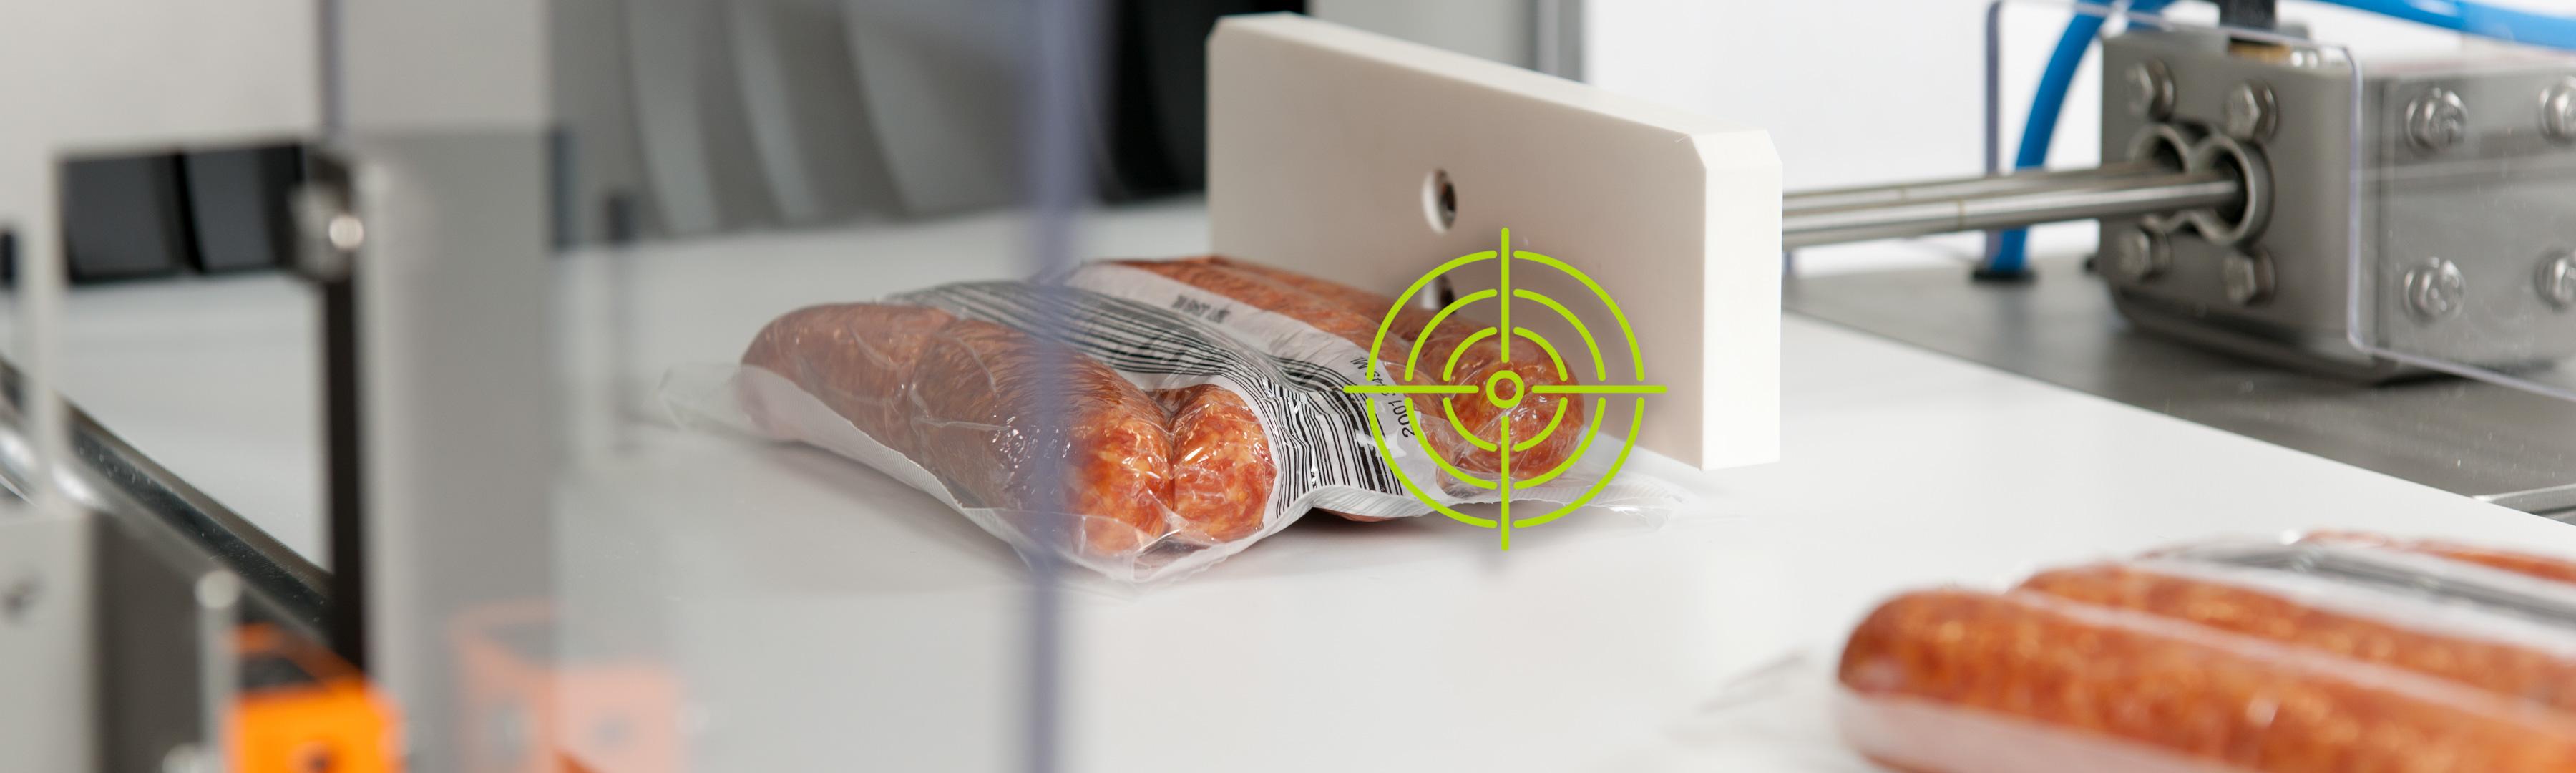 Ausgezeichnet Küchenspüle Online Singapur Bilder - Ideen Für Die ...